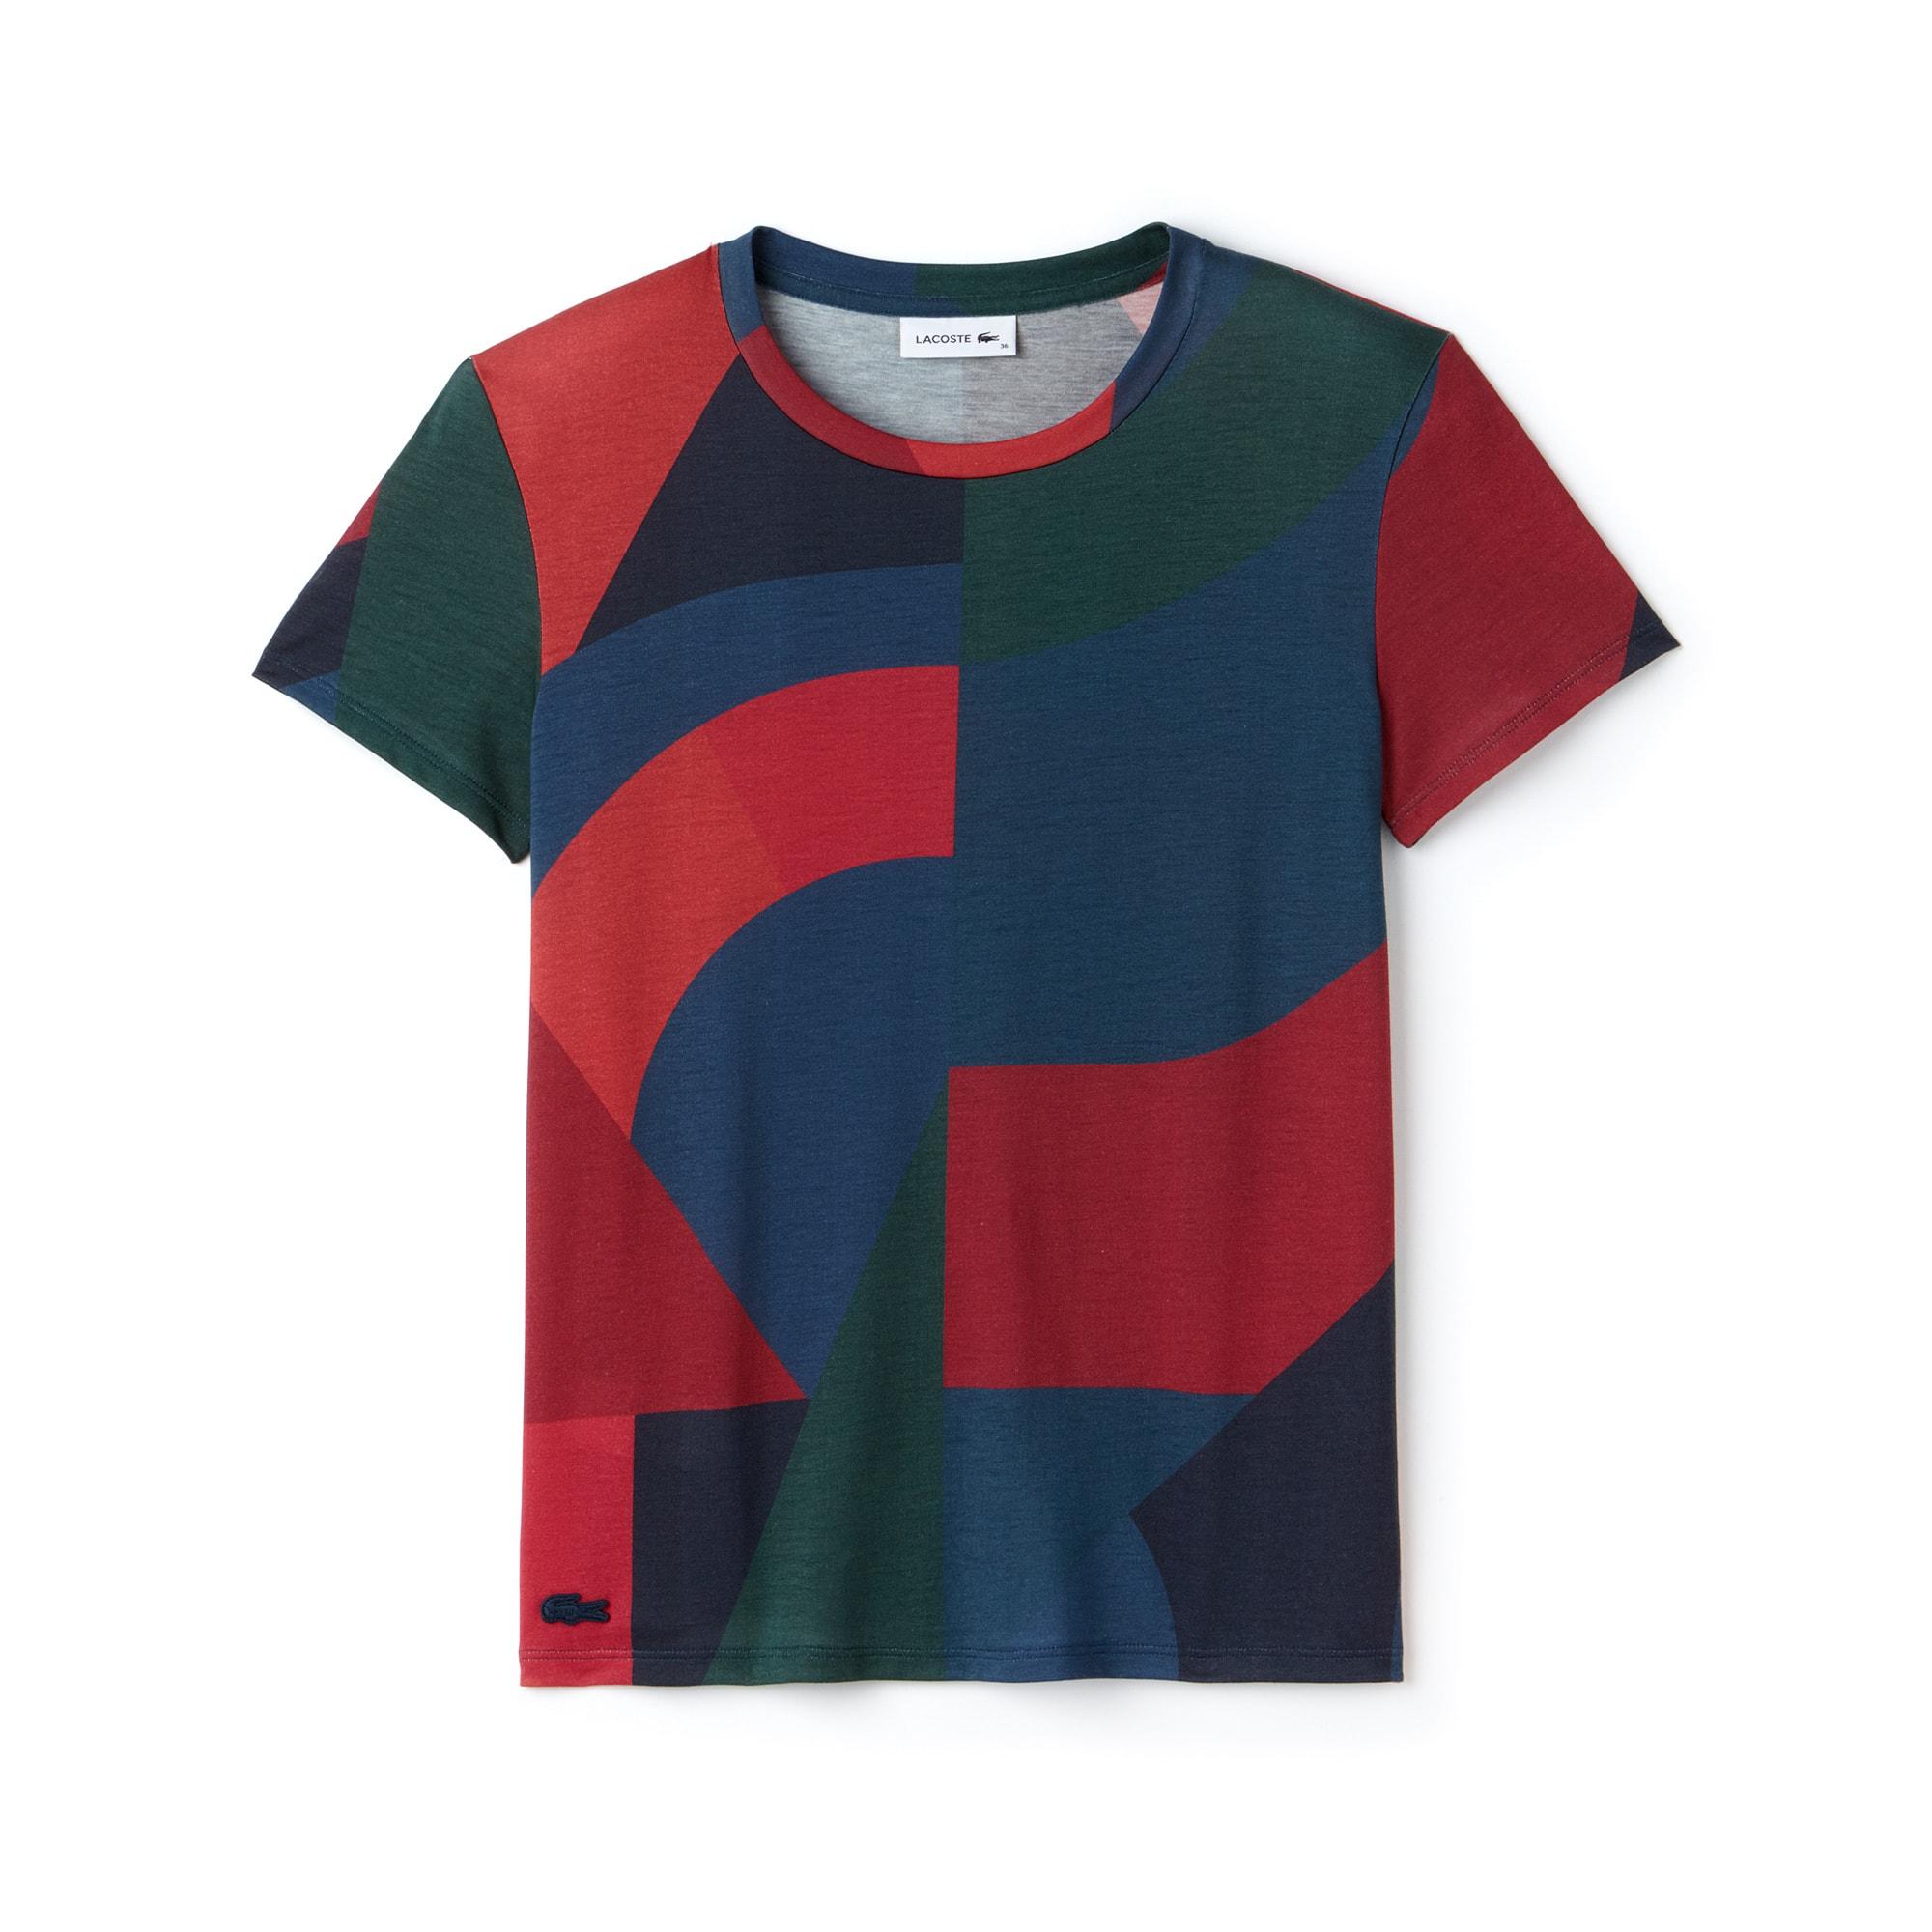 Damen Colorblock-Rundhals-T-Shirt aus Lyocell und Baumwolljersey